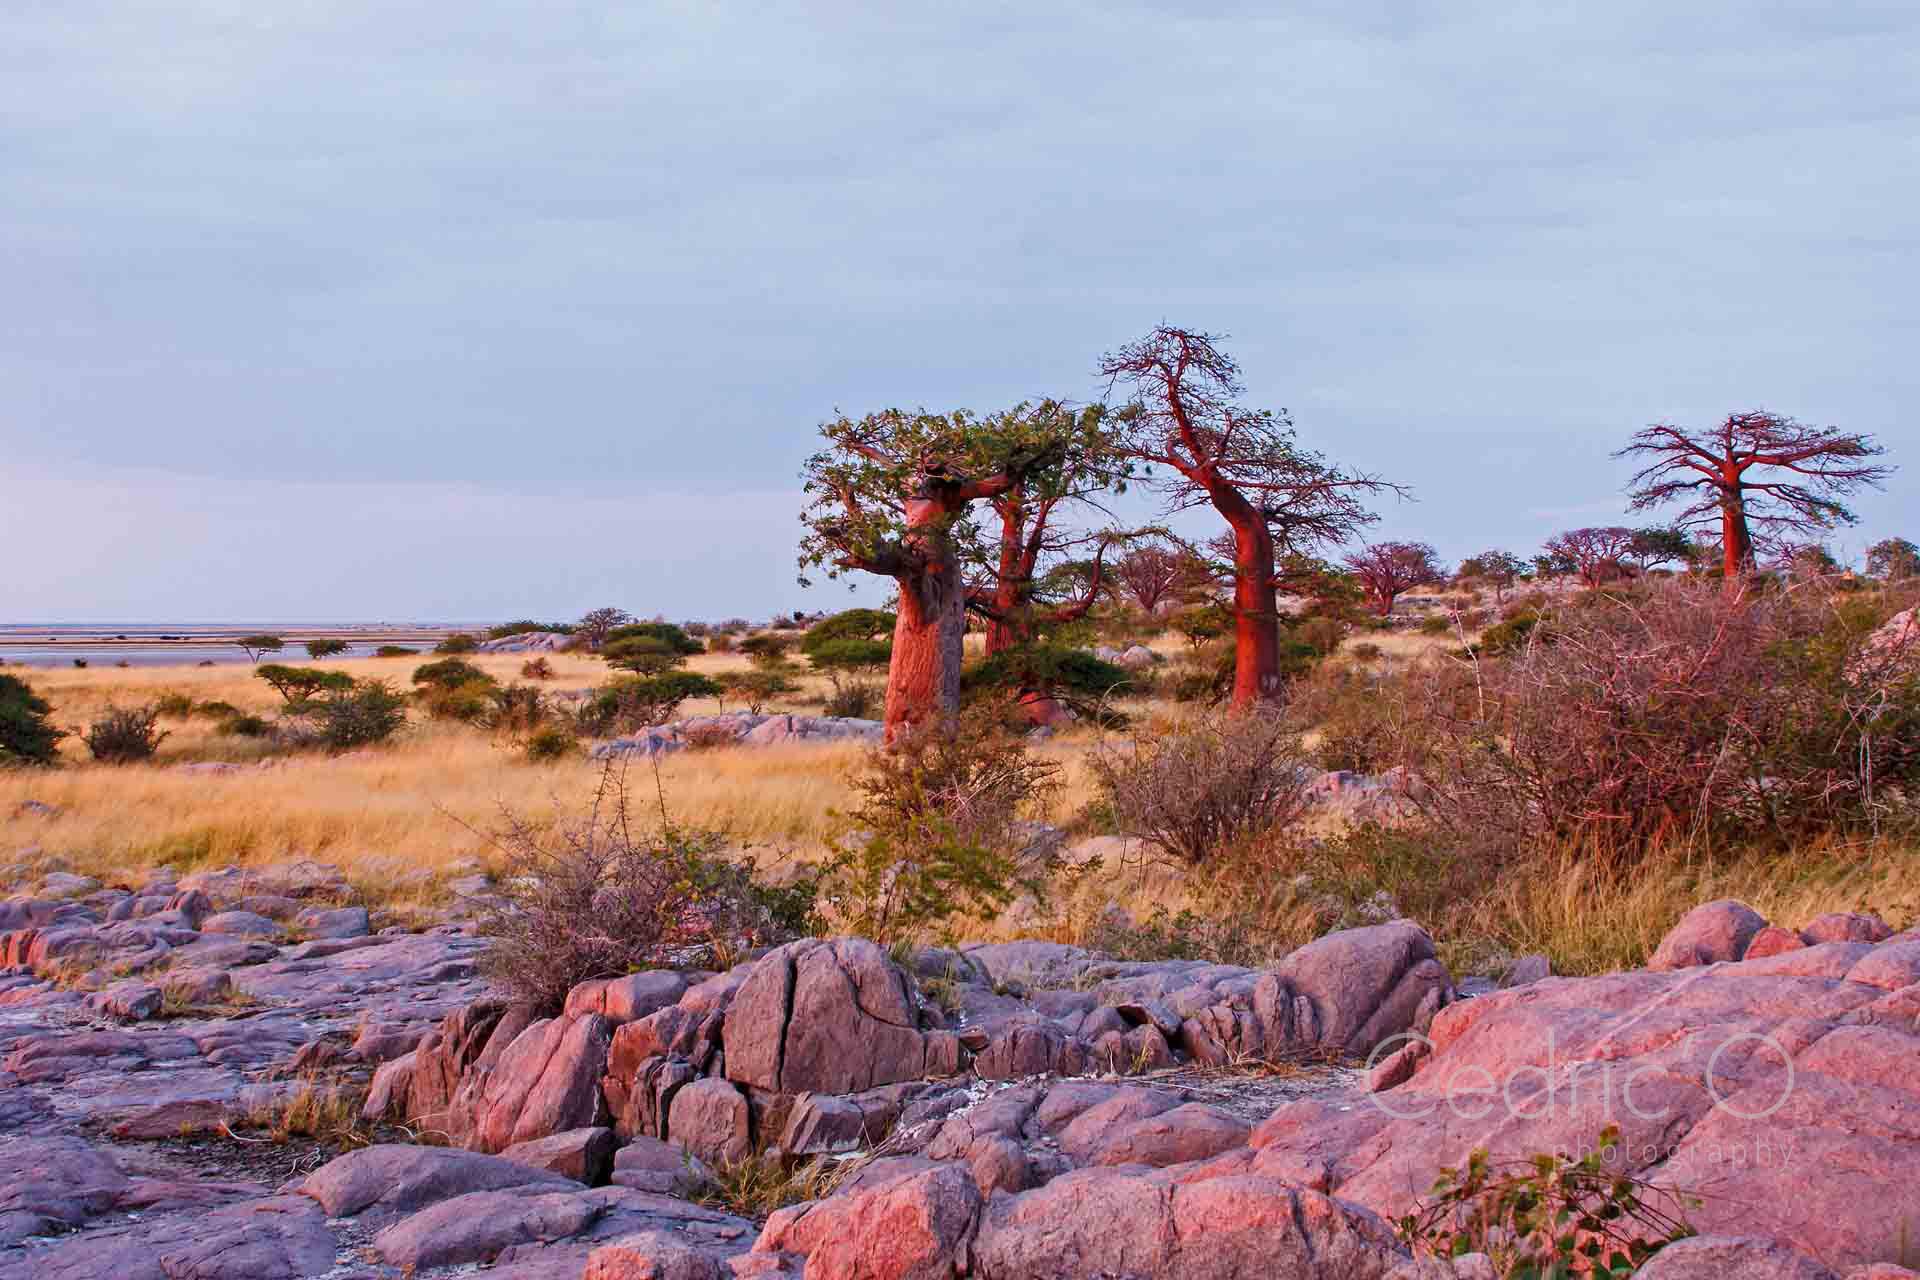 Baobabs of Kubu Island